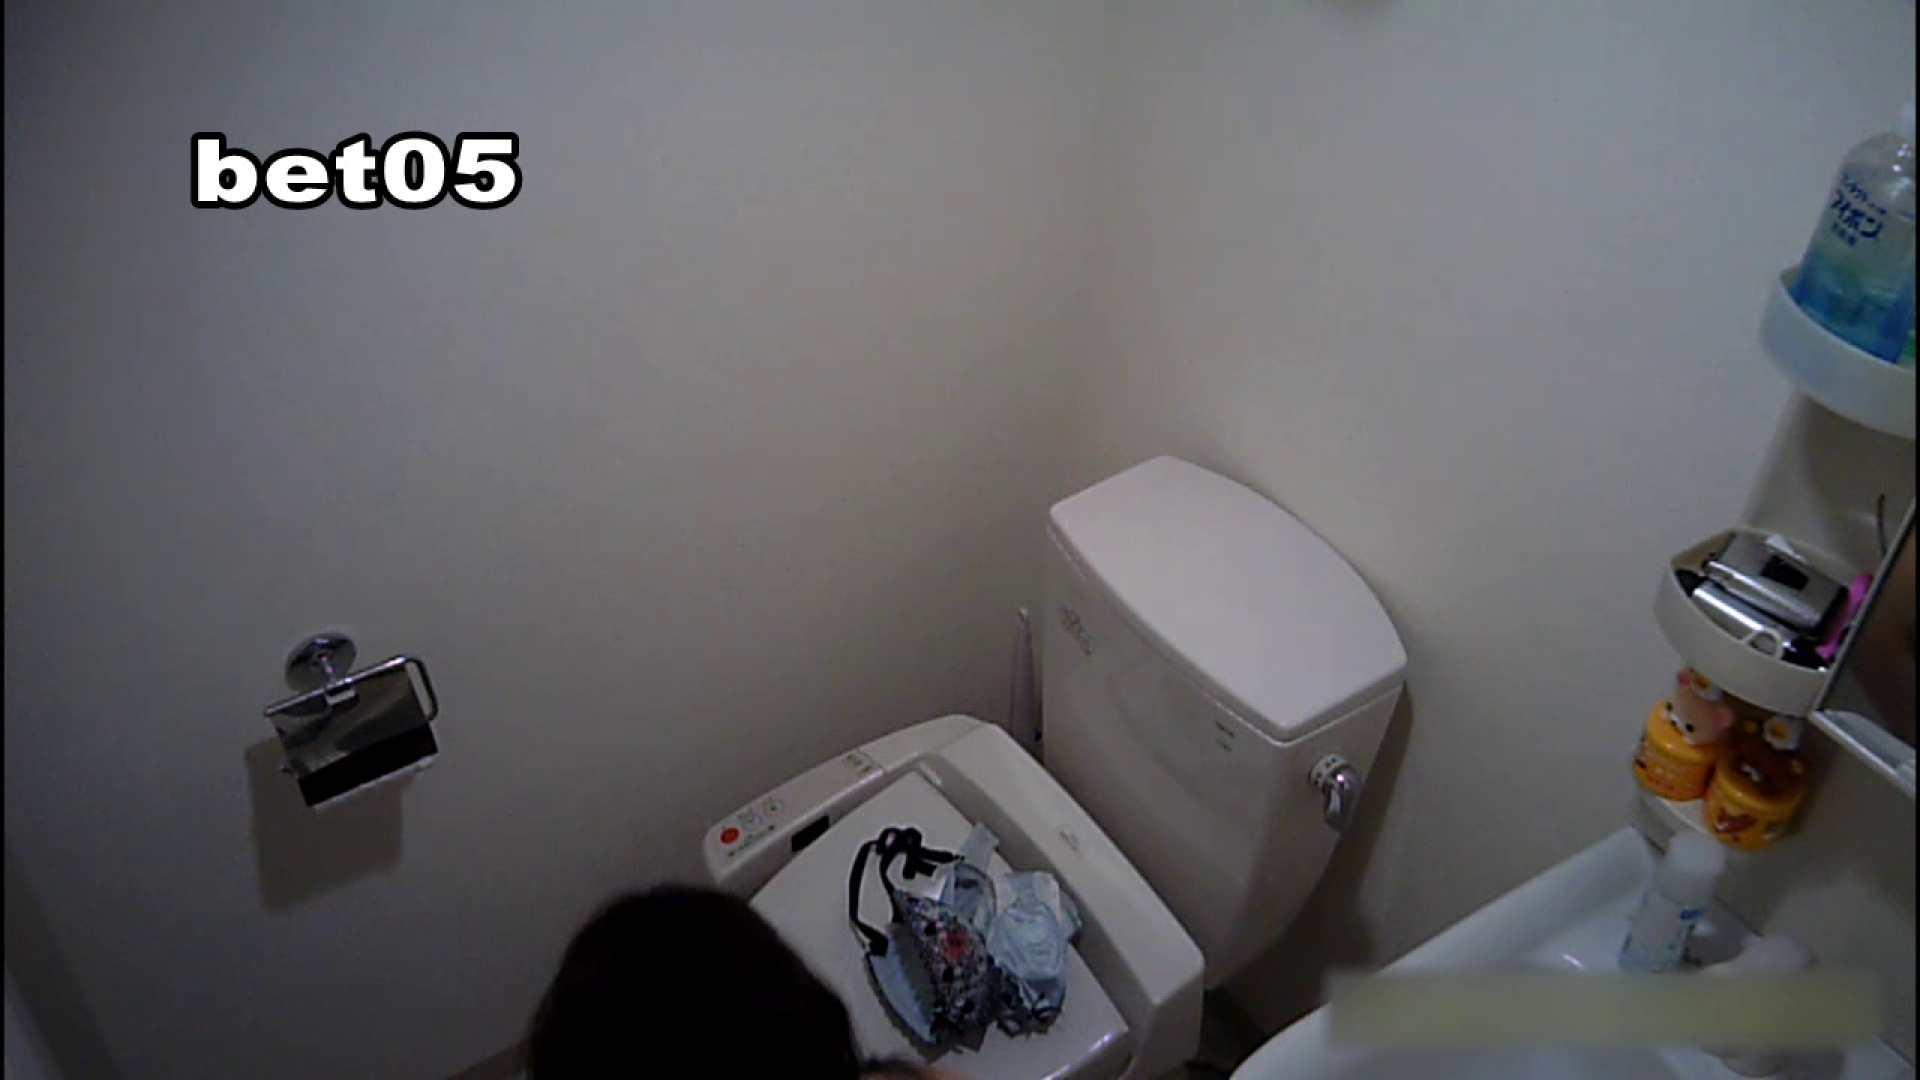 ミキ・大手旅行代理店勤務(24歳・仮名) vol.05 オマケで全裸洗面所も公開 リベンジ  100PIX 14